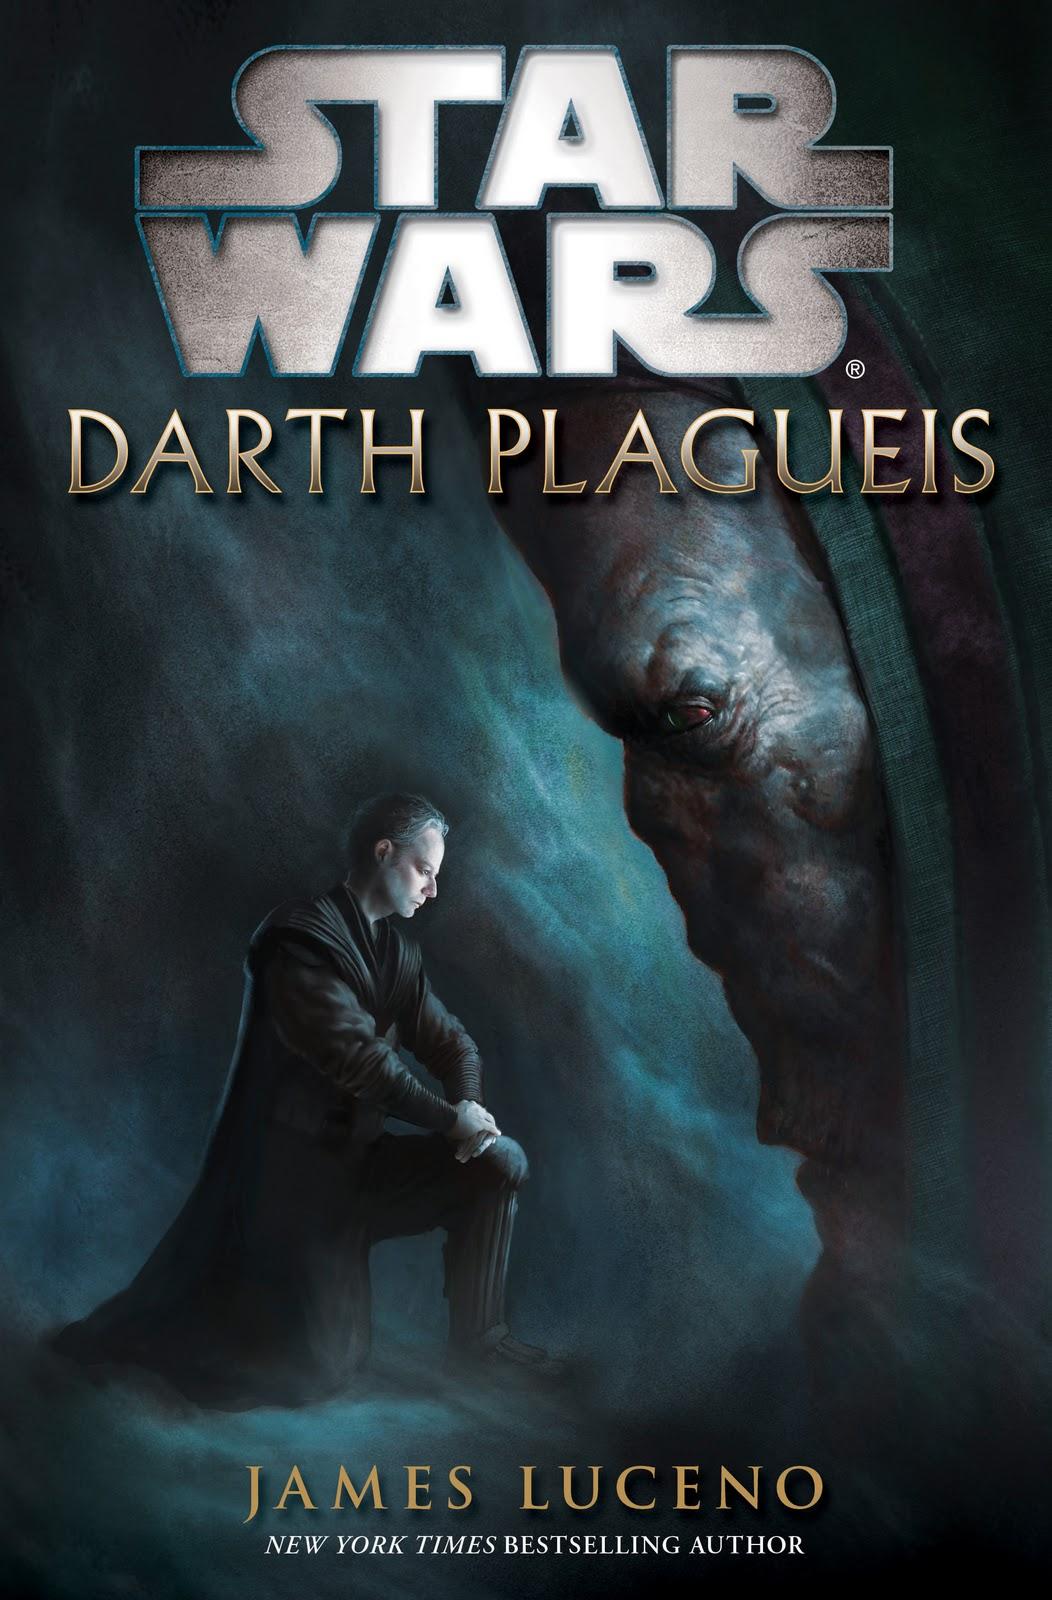 Leer Star Wars Darth Plagueis Online Español